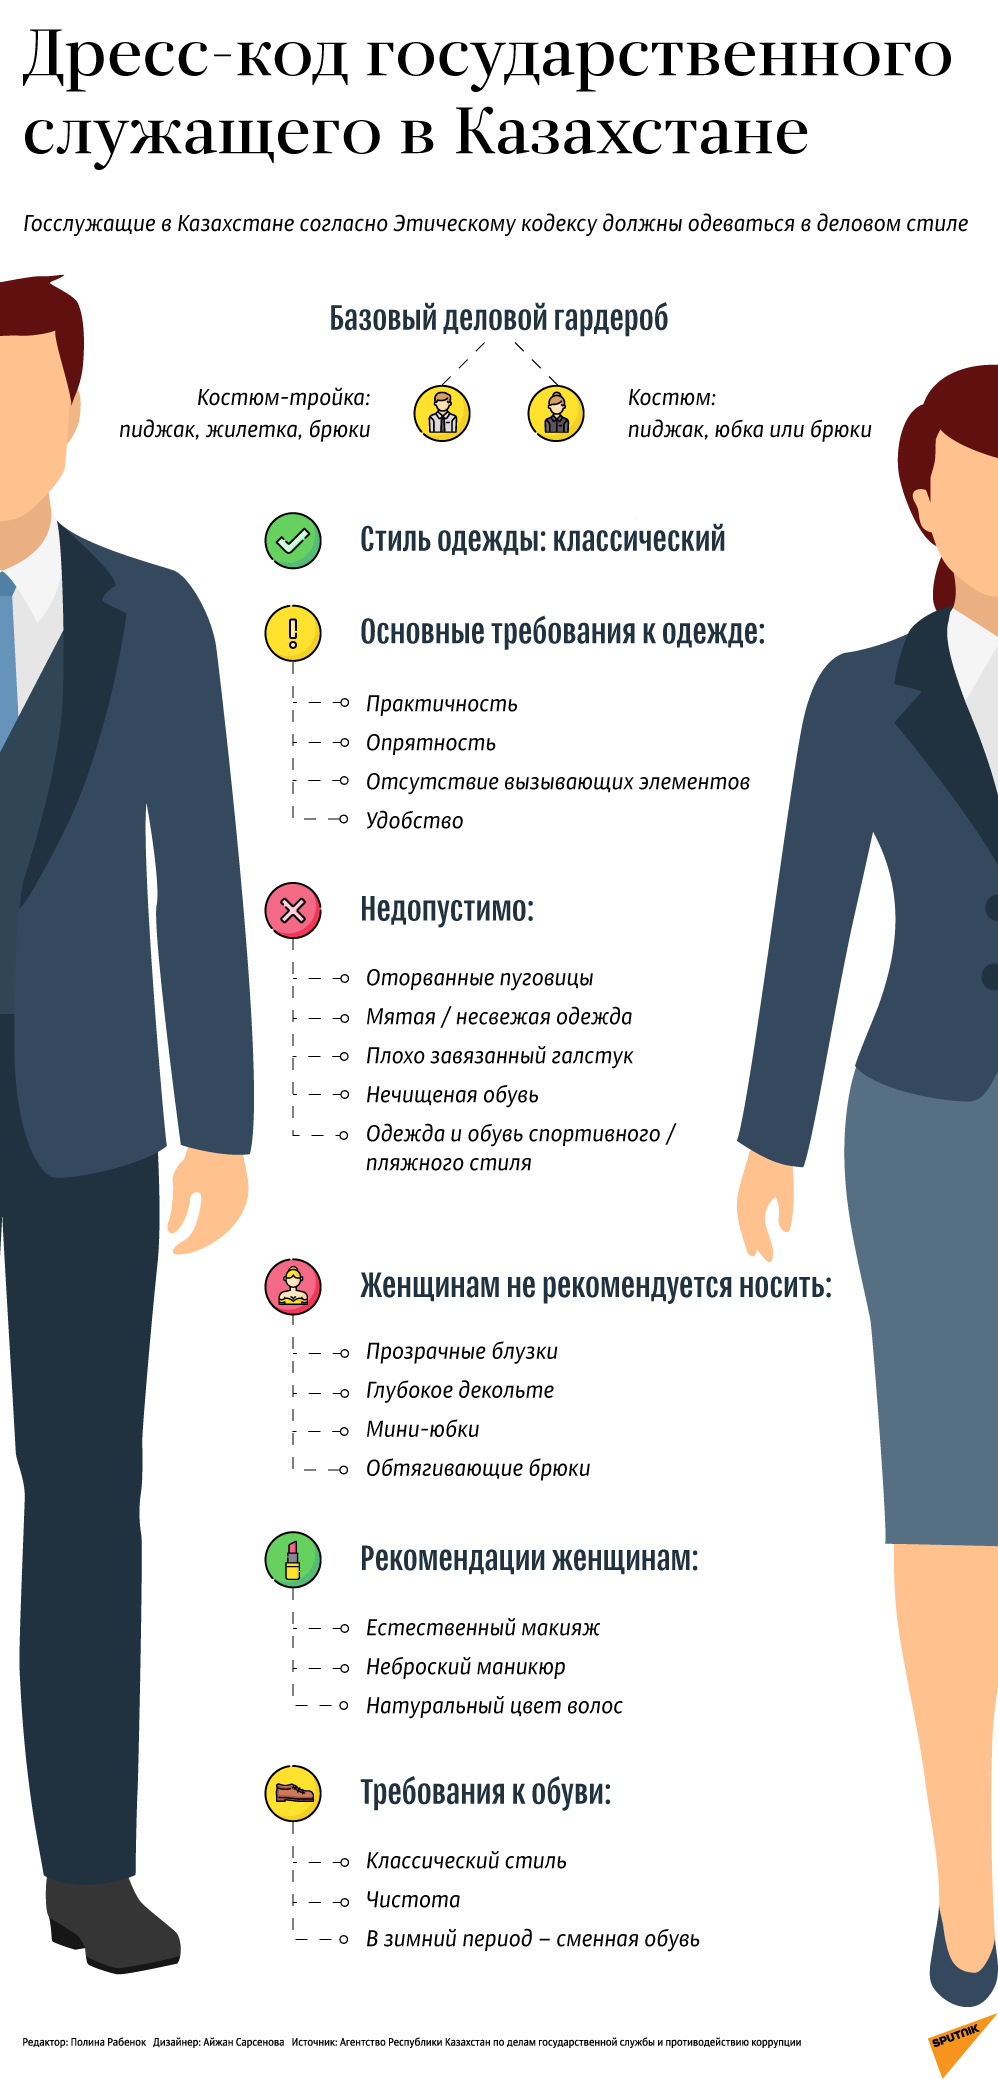 Дресс-код госслужащего Казахстана